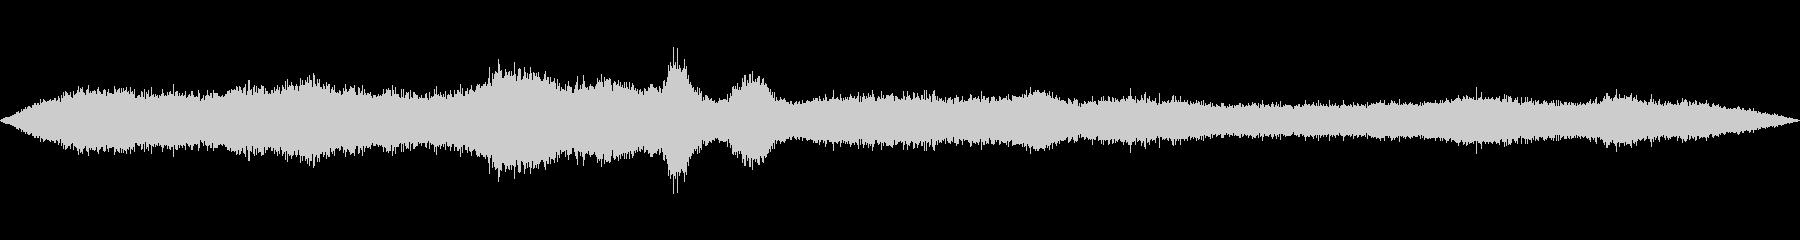 【海】【波の音】太平洋 1分 【生音】の未再生の波形